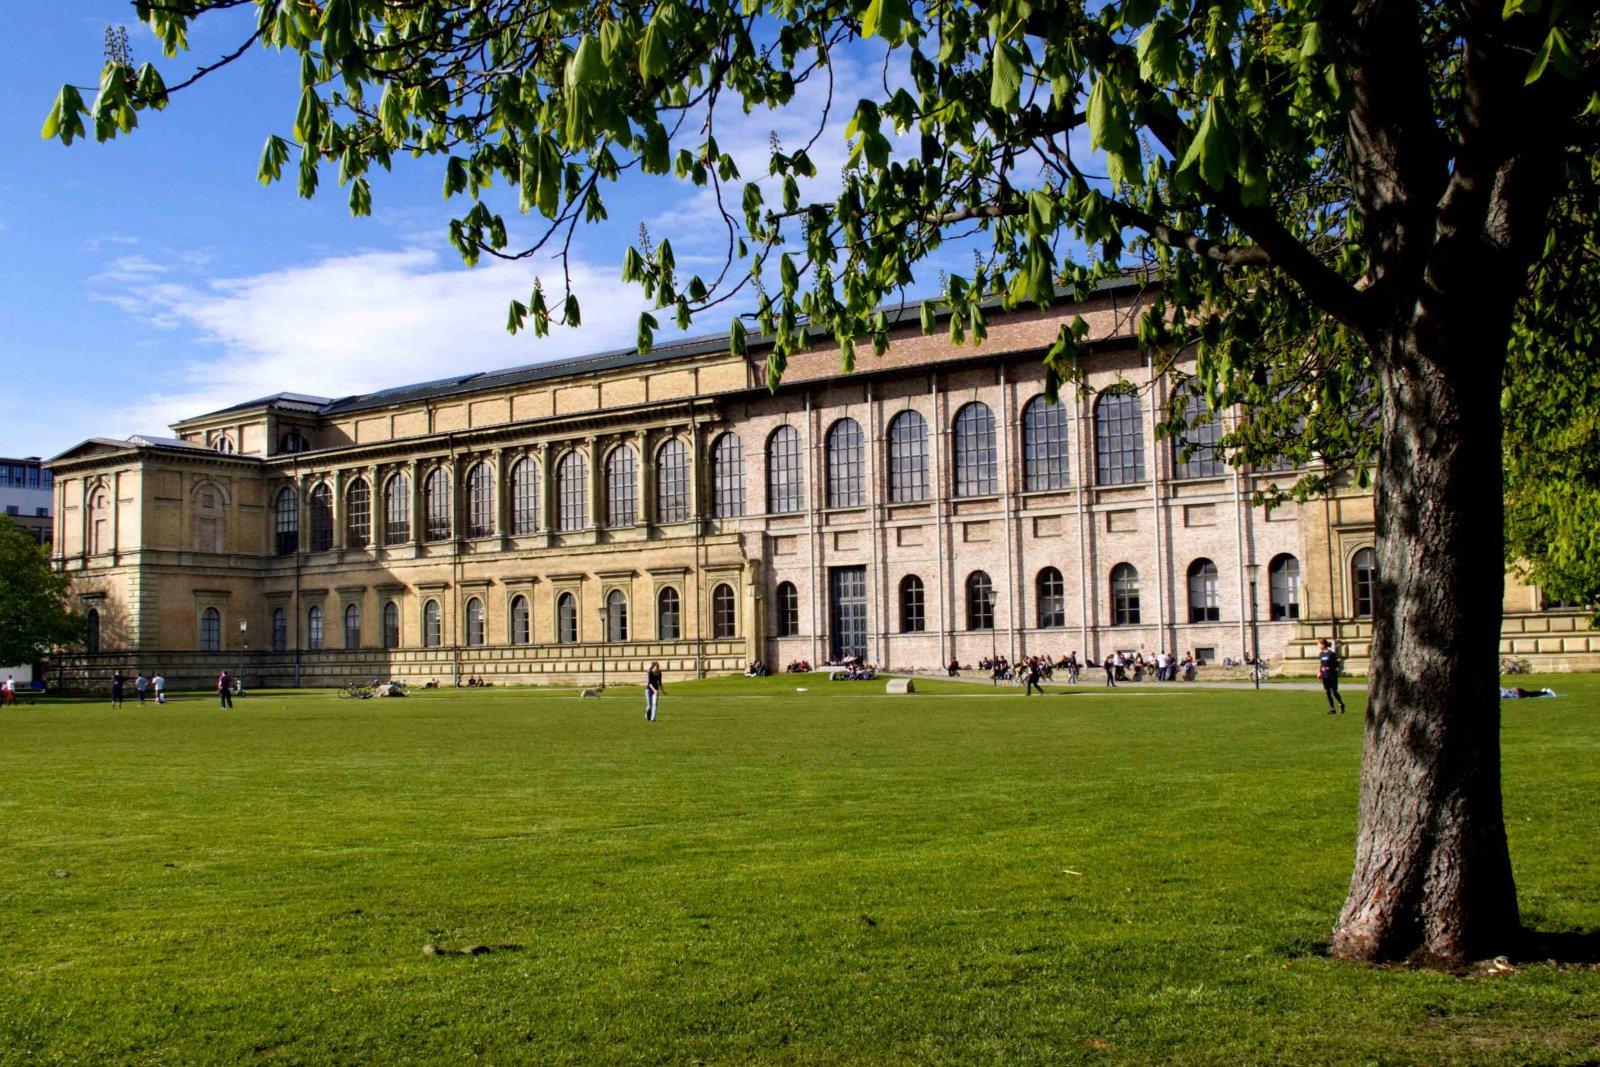 Музейный день. Экскурсия в Старую пинакотеку и Королевскую резиденцию